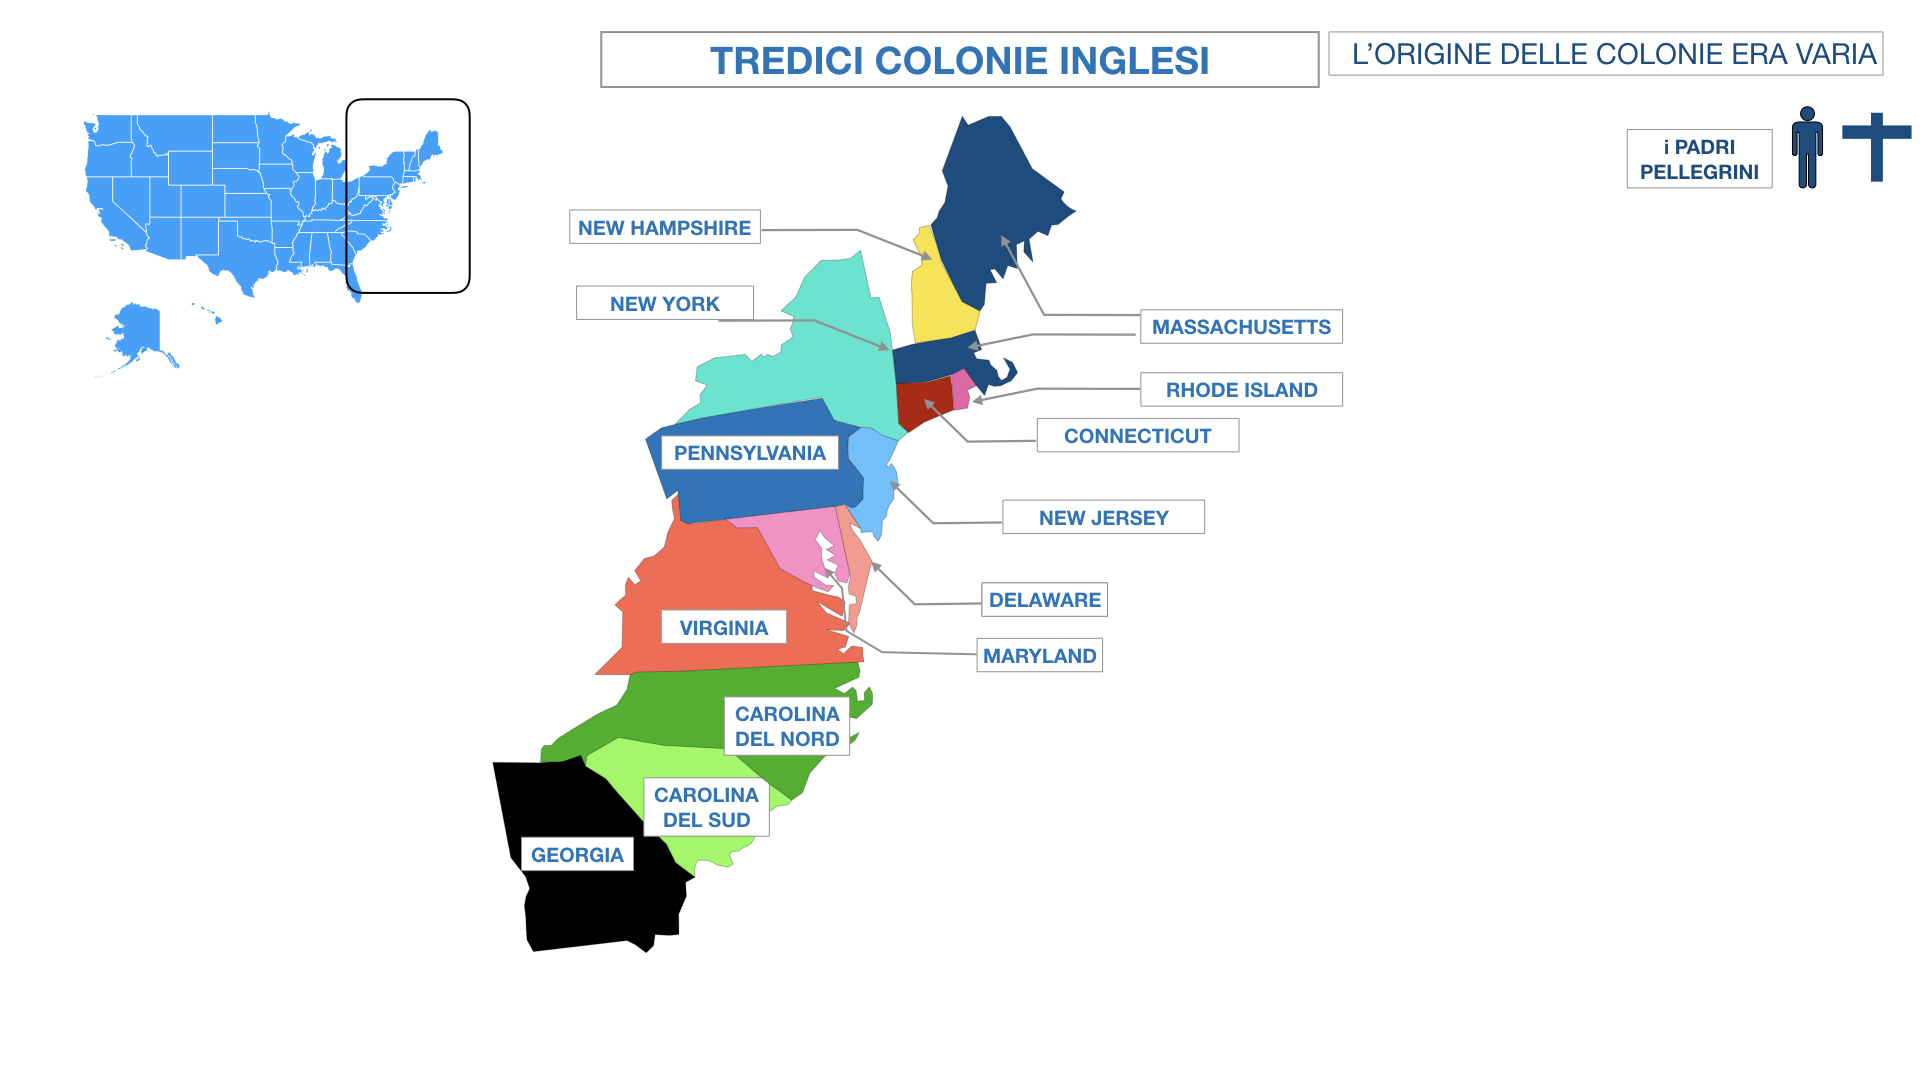 AMERICA LE TREDICI COLONIE INGLESI SIMULAZIONE.039